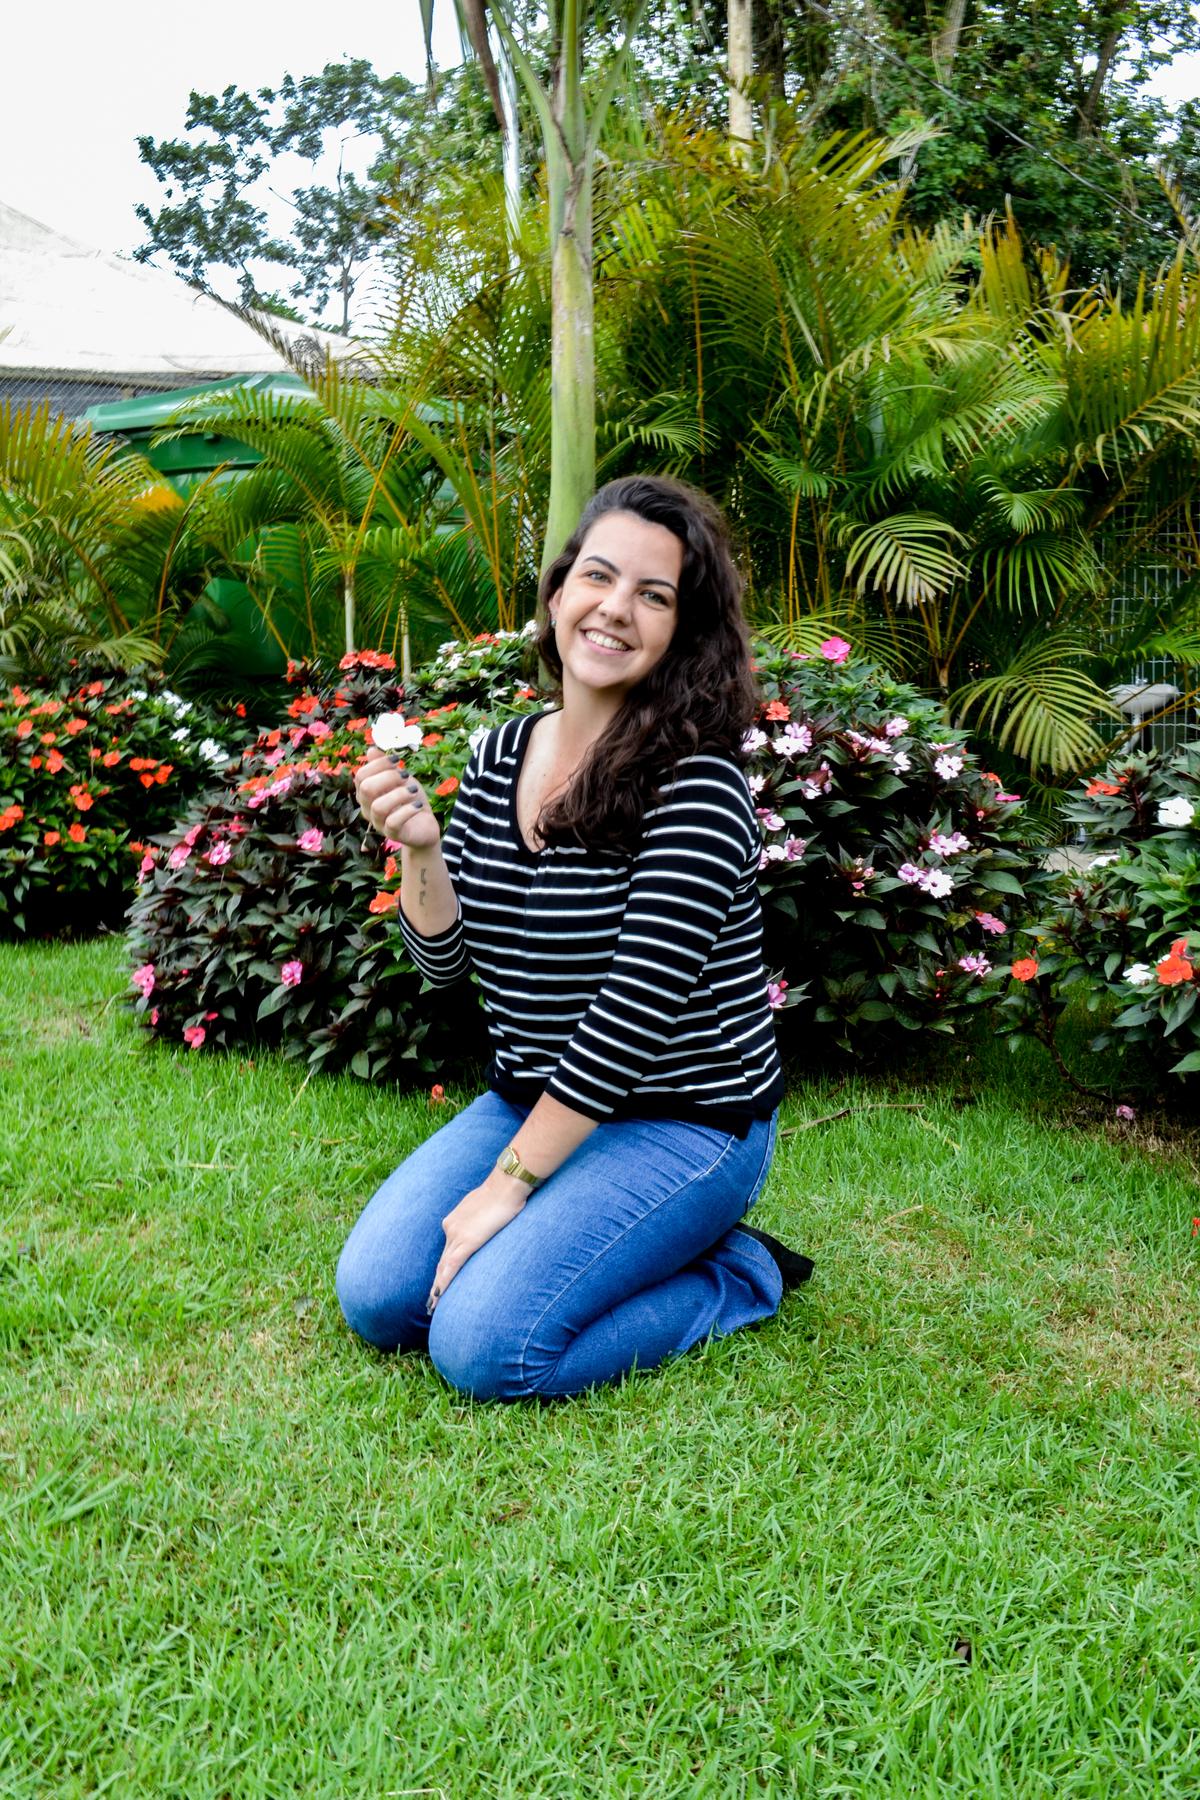 7ª Flávia A curva mais linda de uma mulher é o sorriso.